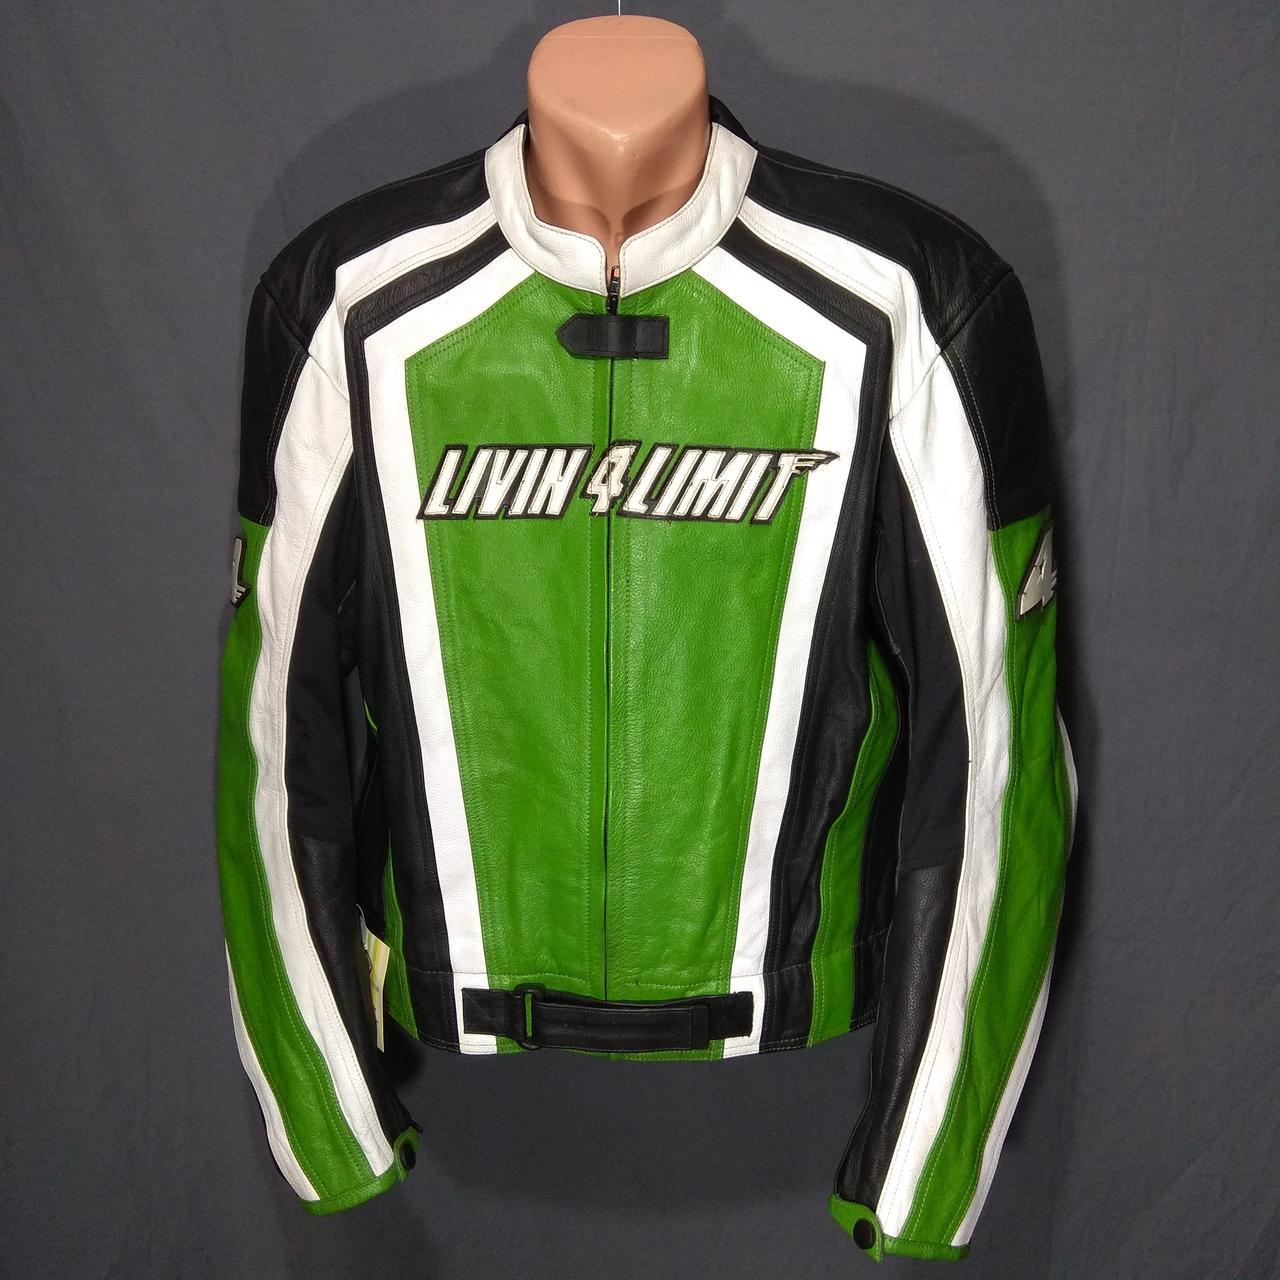 Мотокуртка LIVIN 4 LIMIT б/у кожа